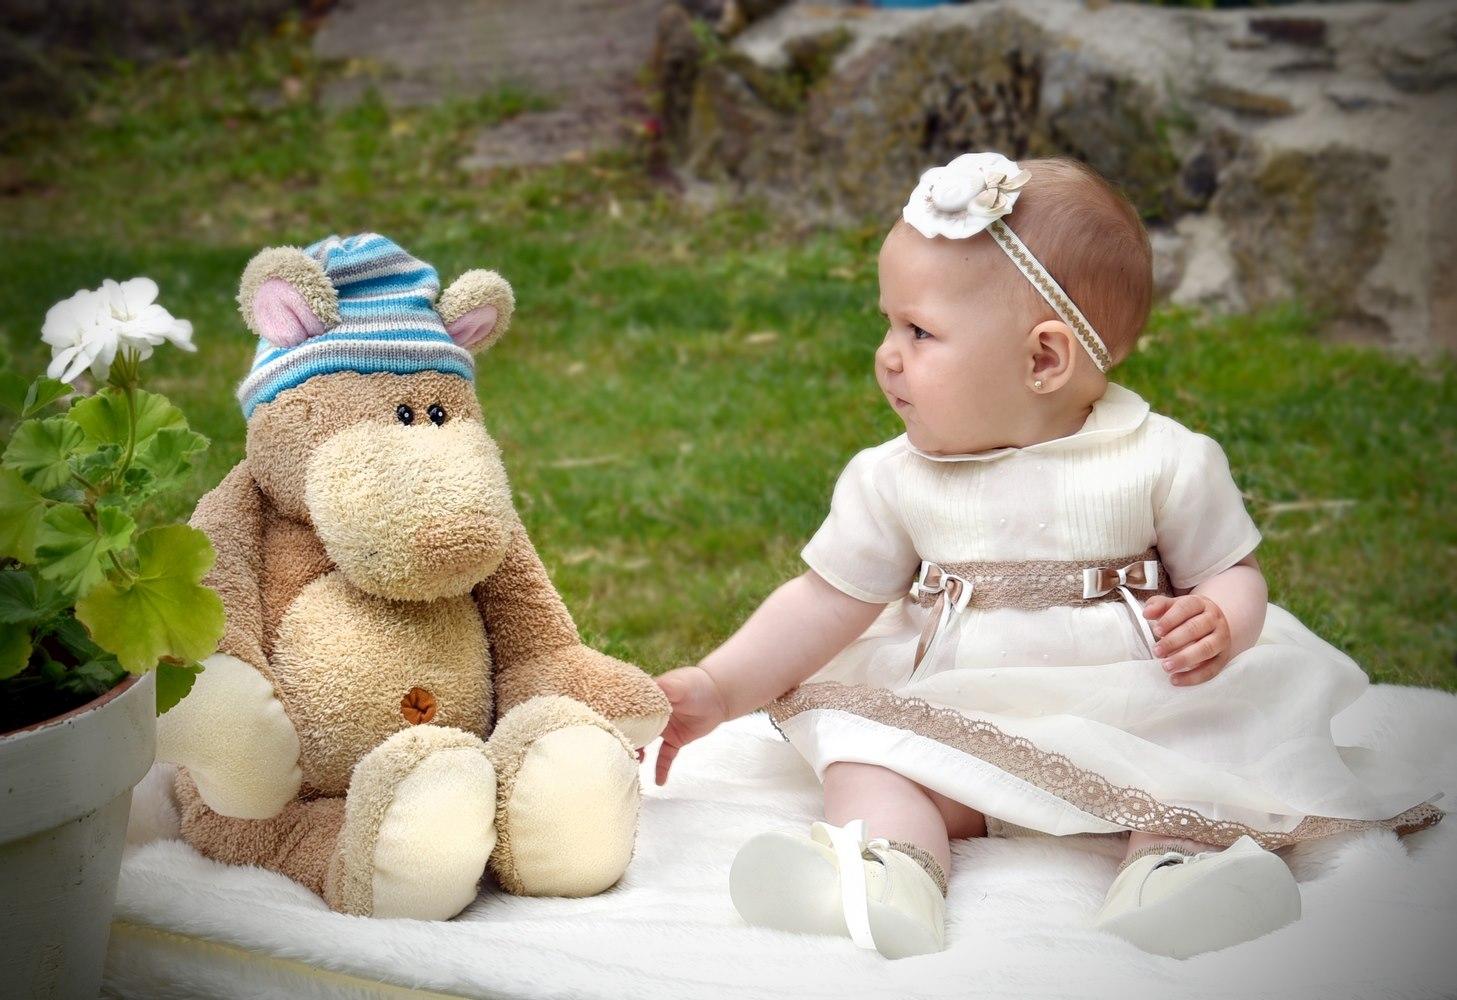 niña con peluche bautizos